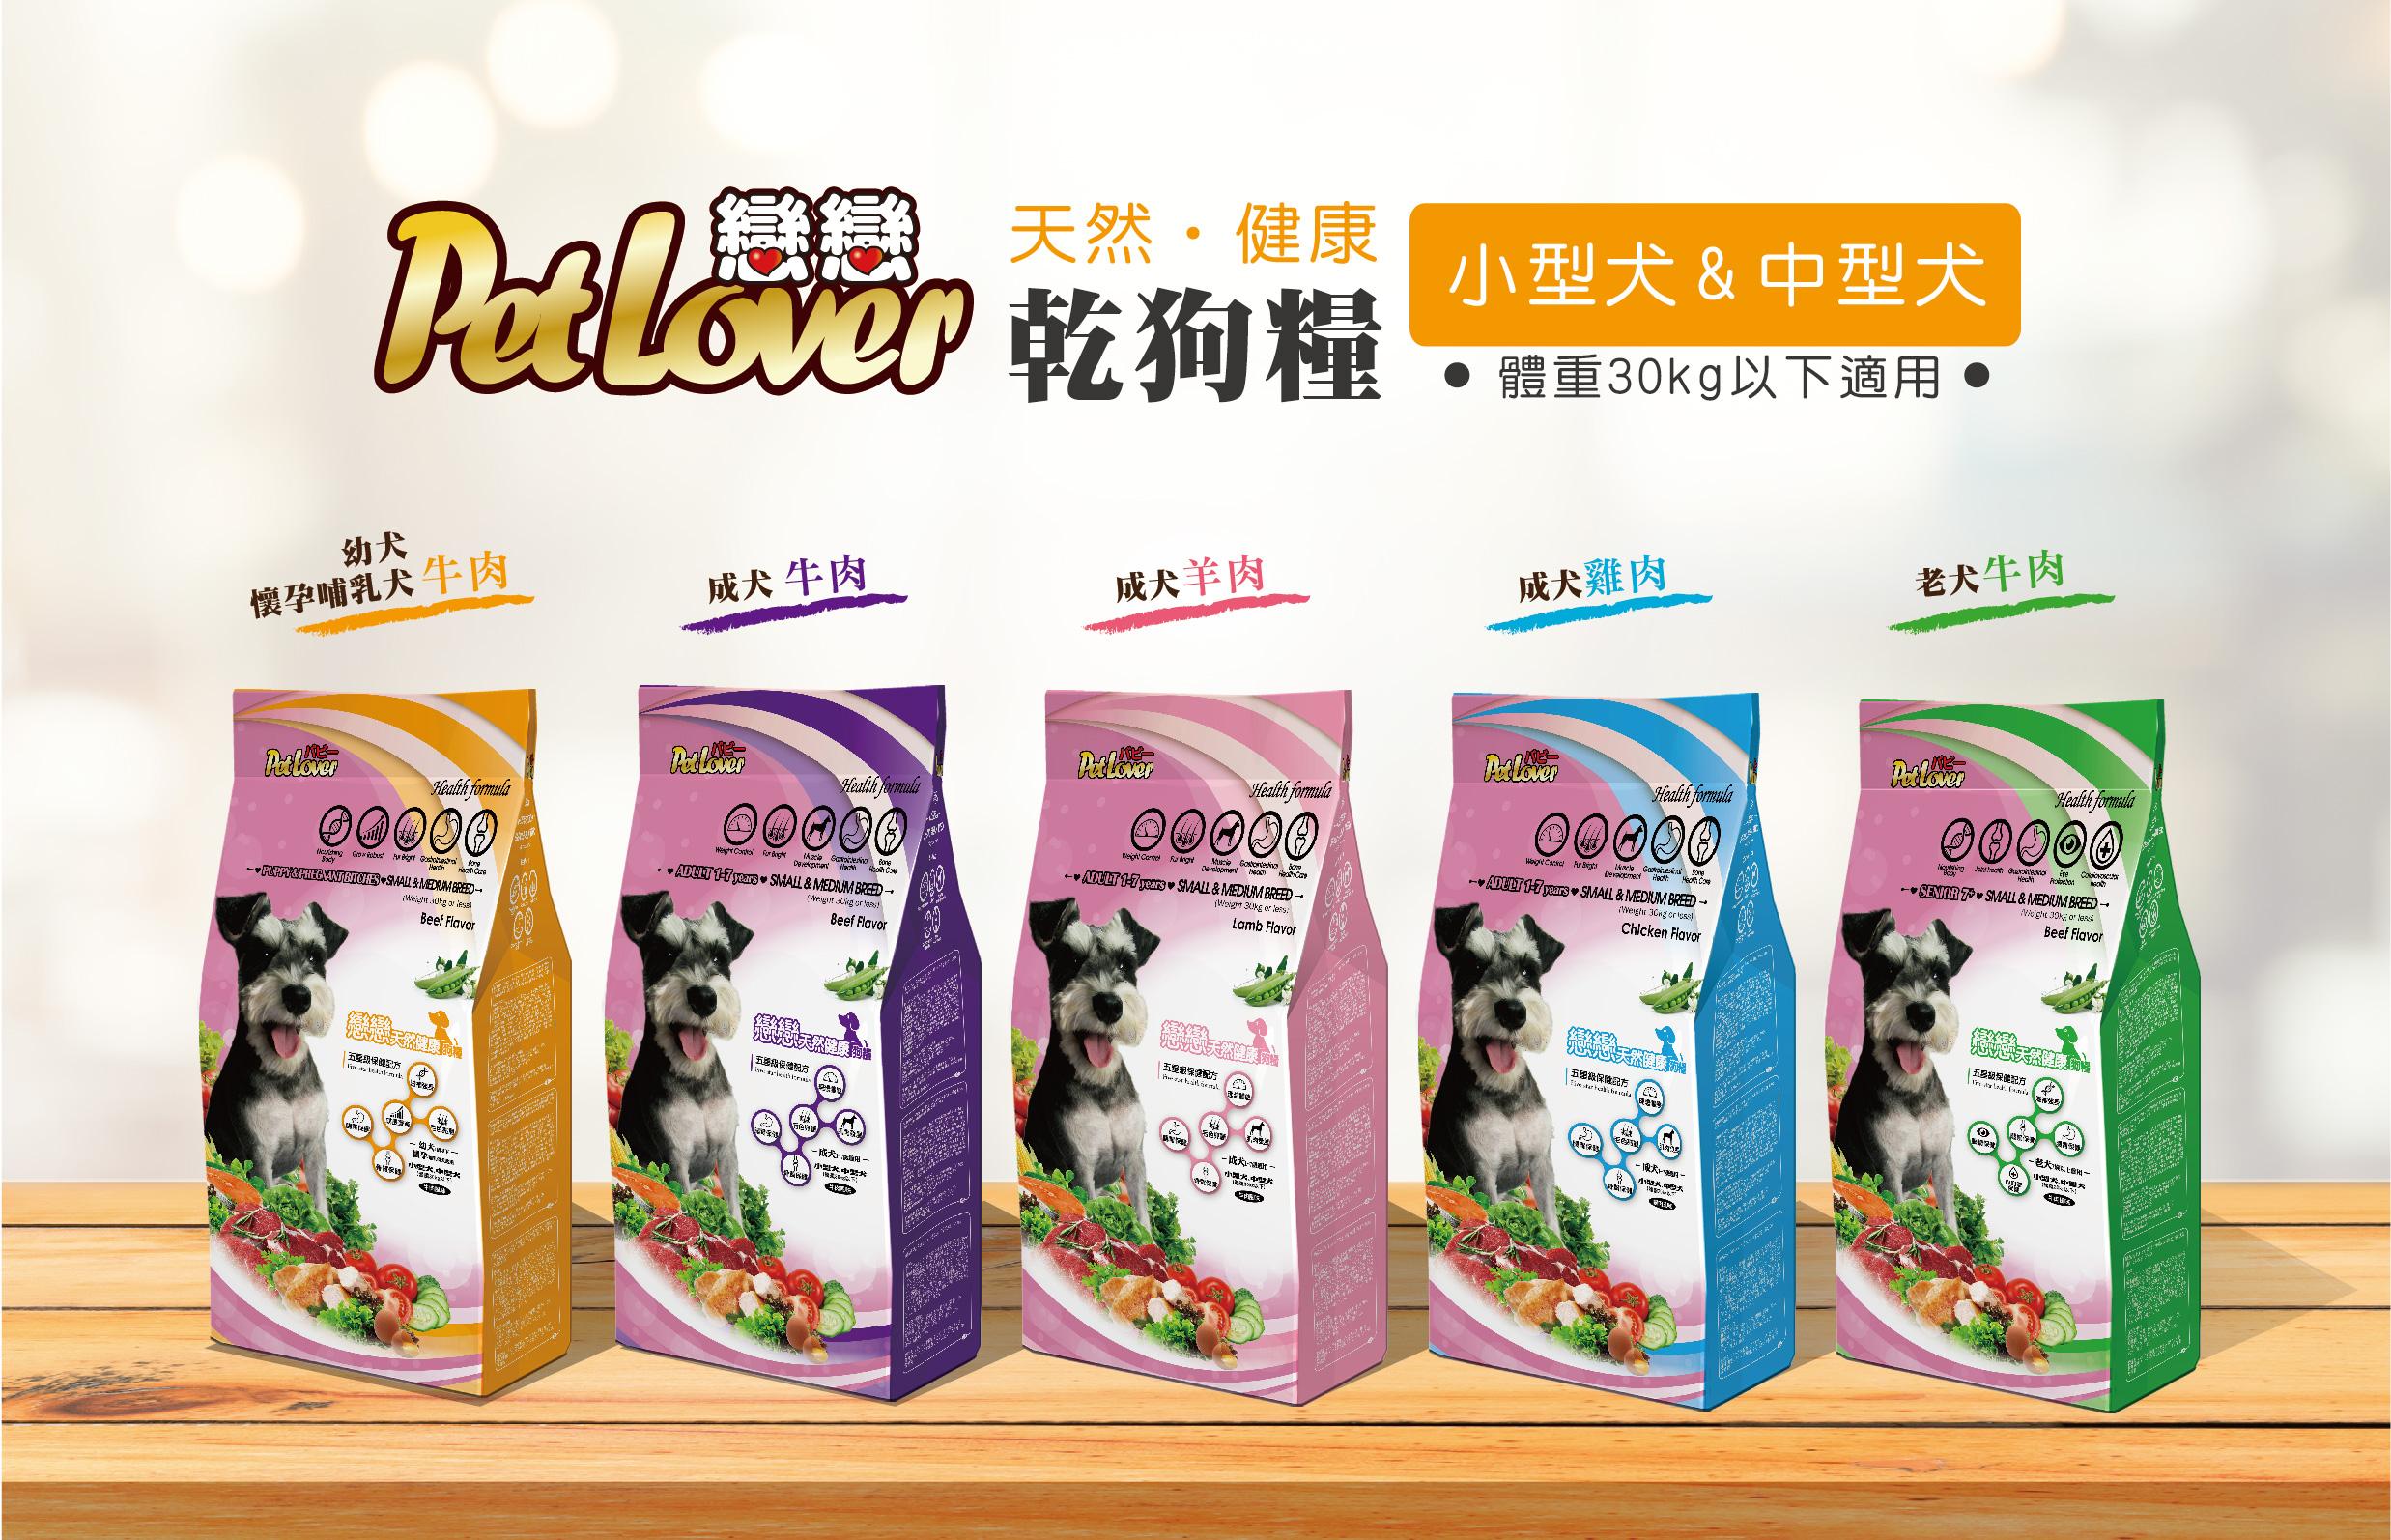 天然、健康,小型犬&中型犬的最佳選擇│全球寵物-戀戀乾狗糧